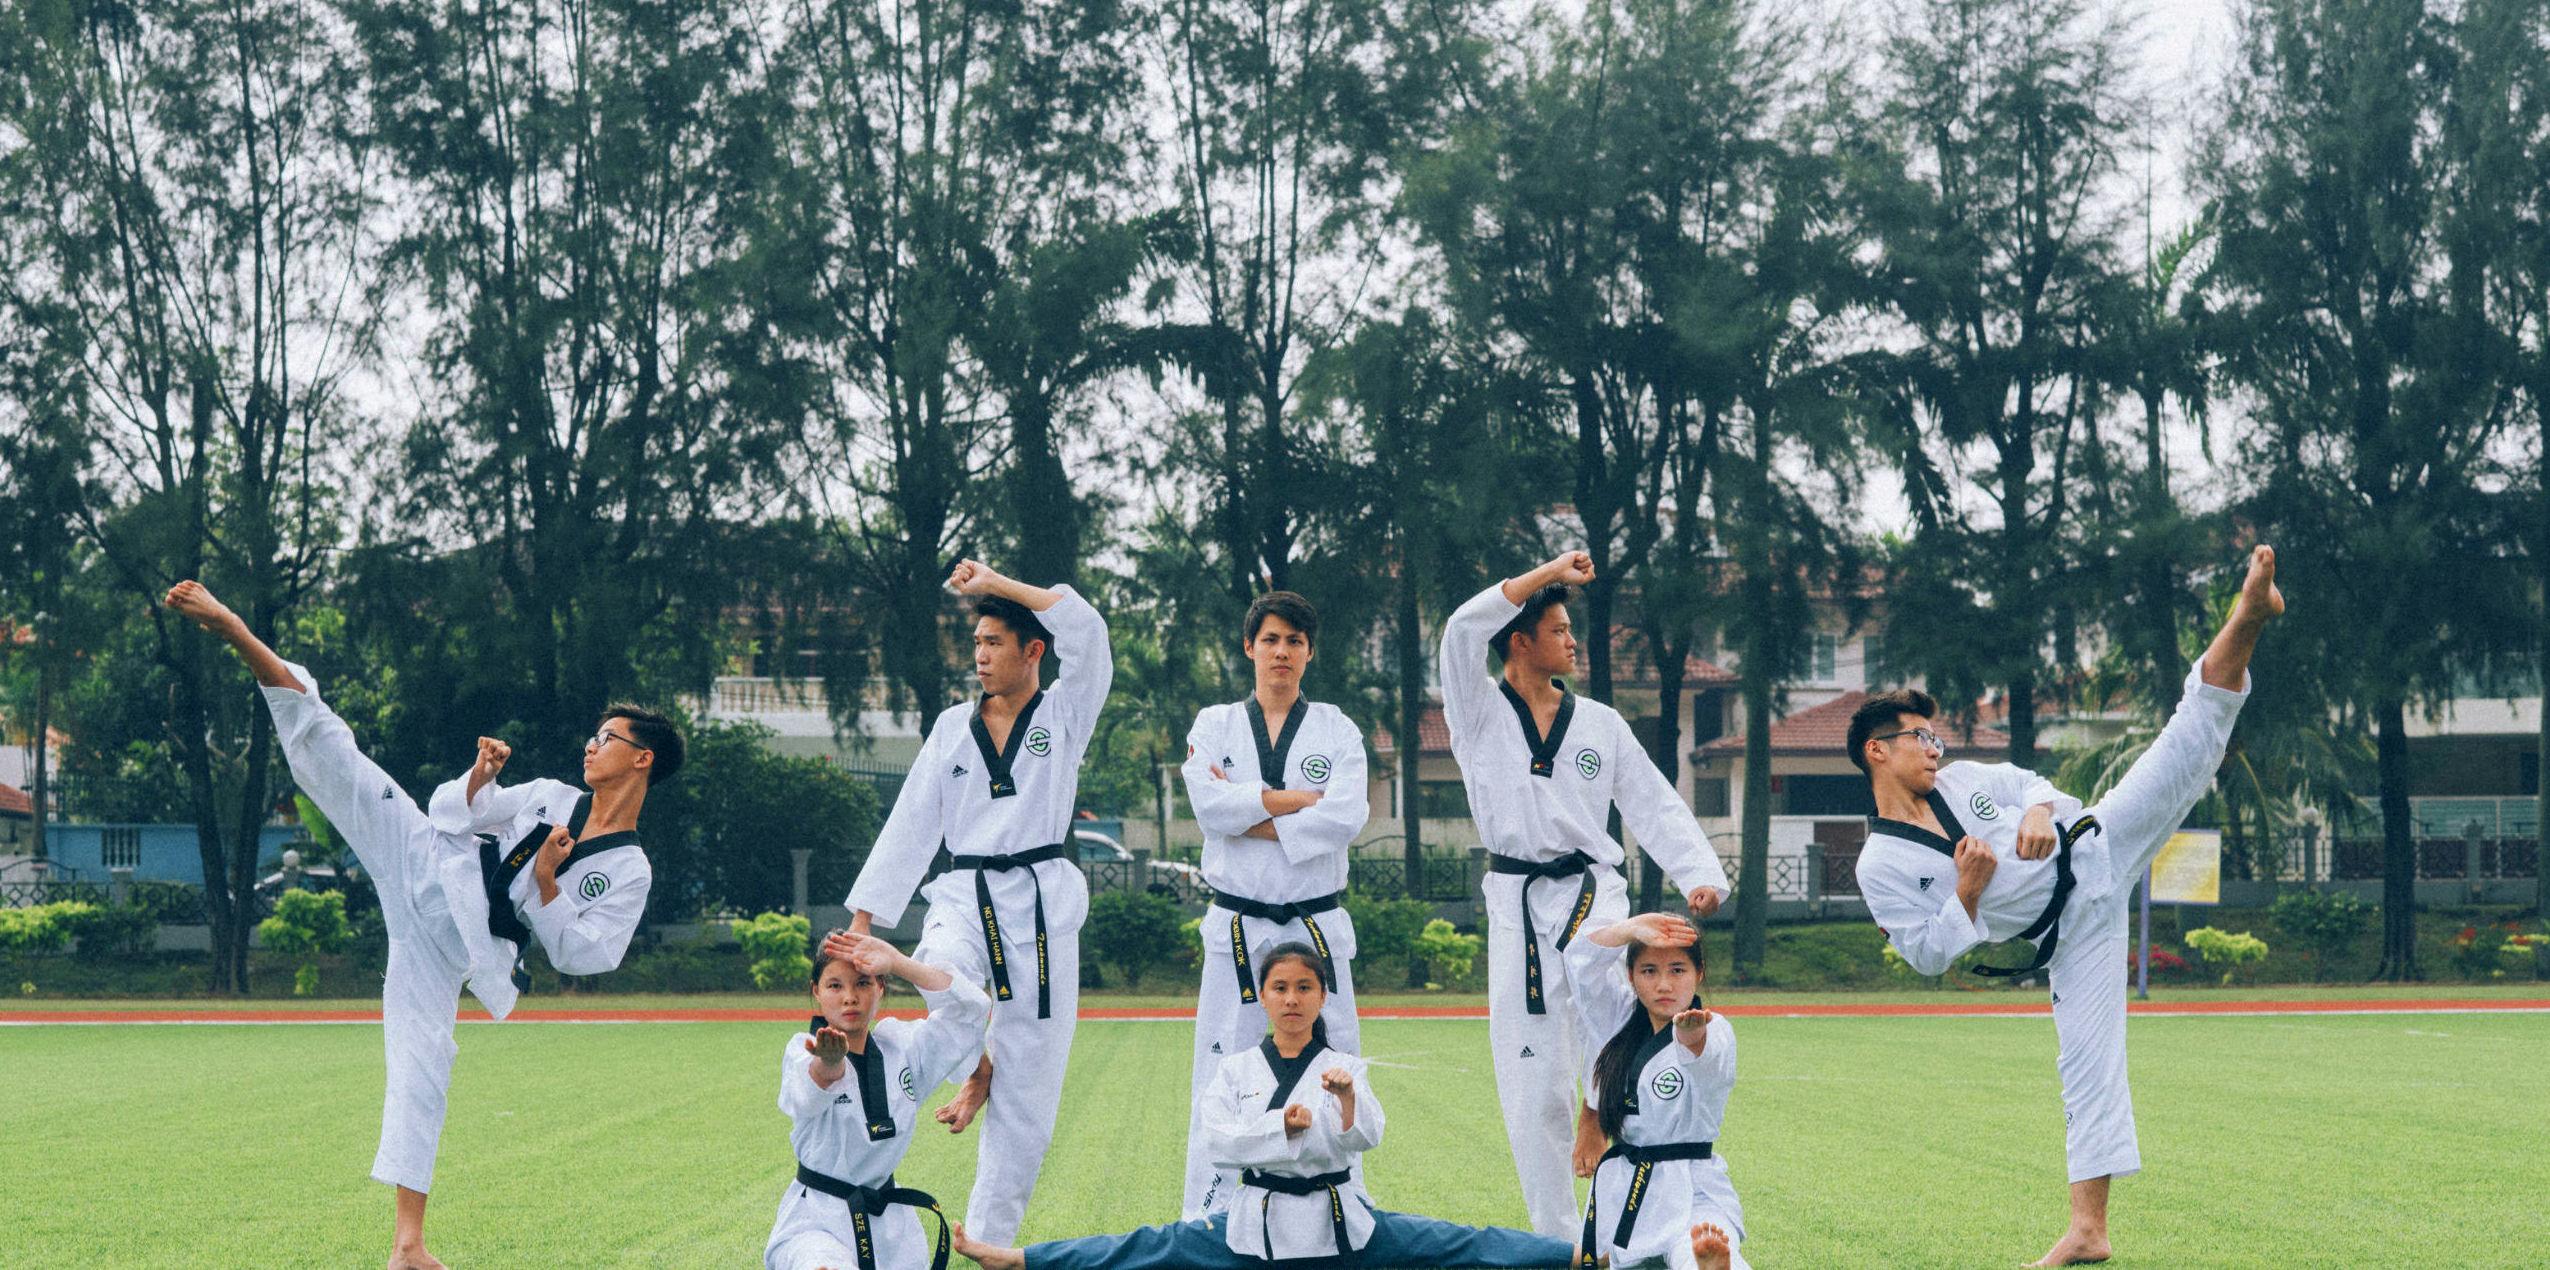 """""""Mi equipo siempre será el equipo de FitLine"""": Todos los ojos en Malasia (Parte II)"""